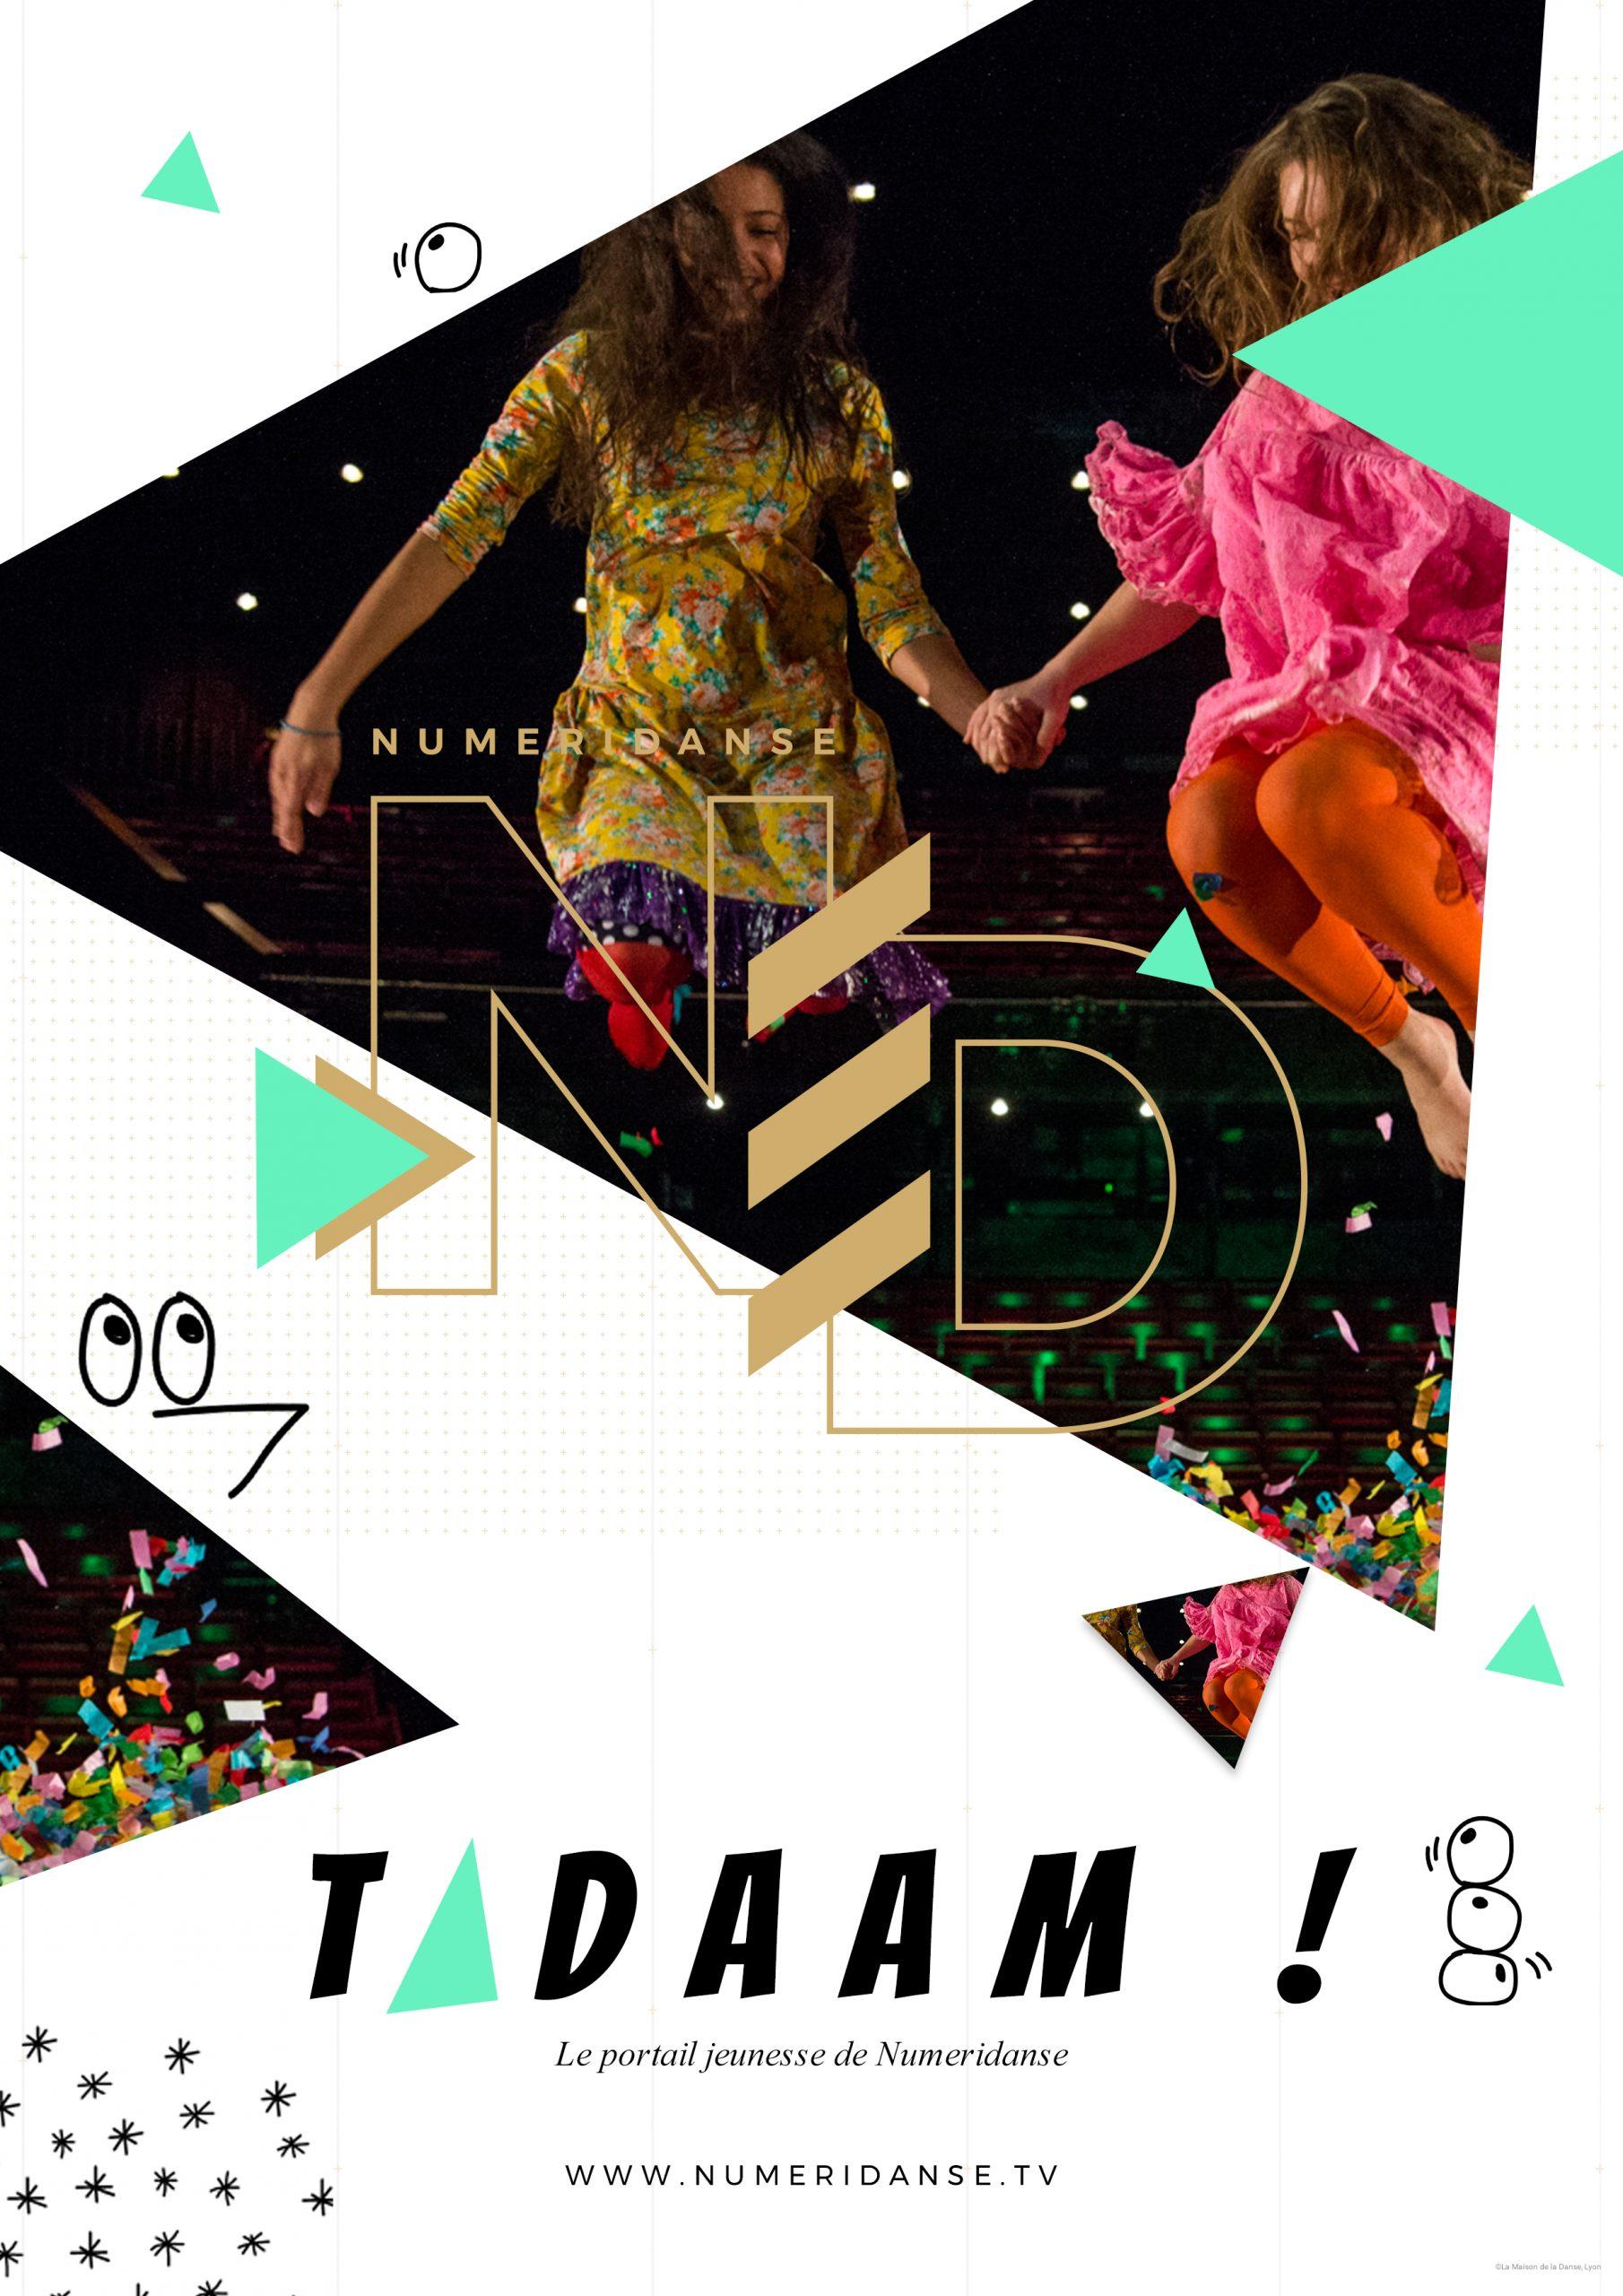 Numéridanse : Affiche - Tadaam !